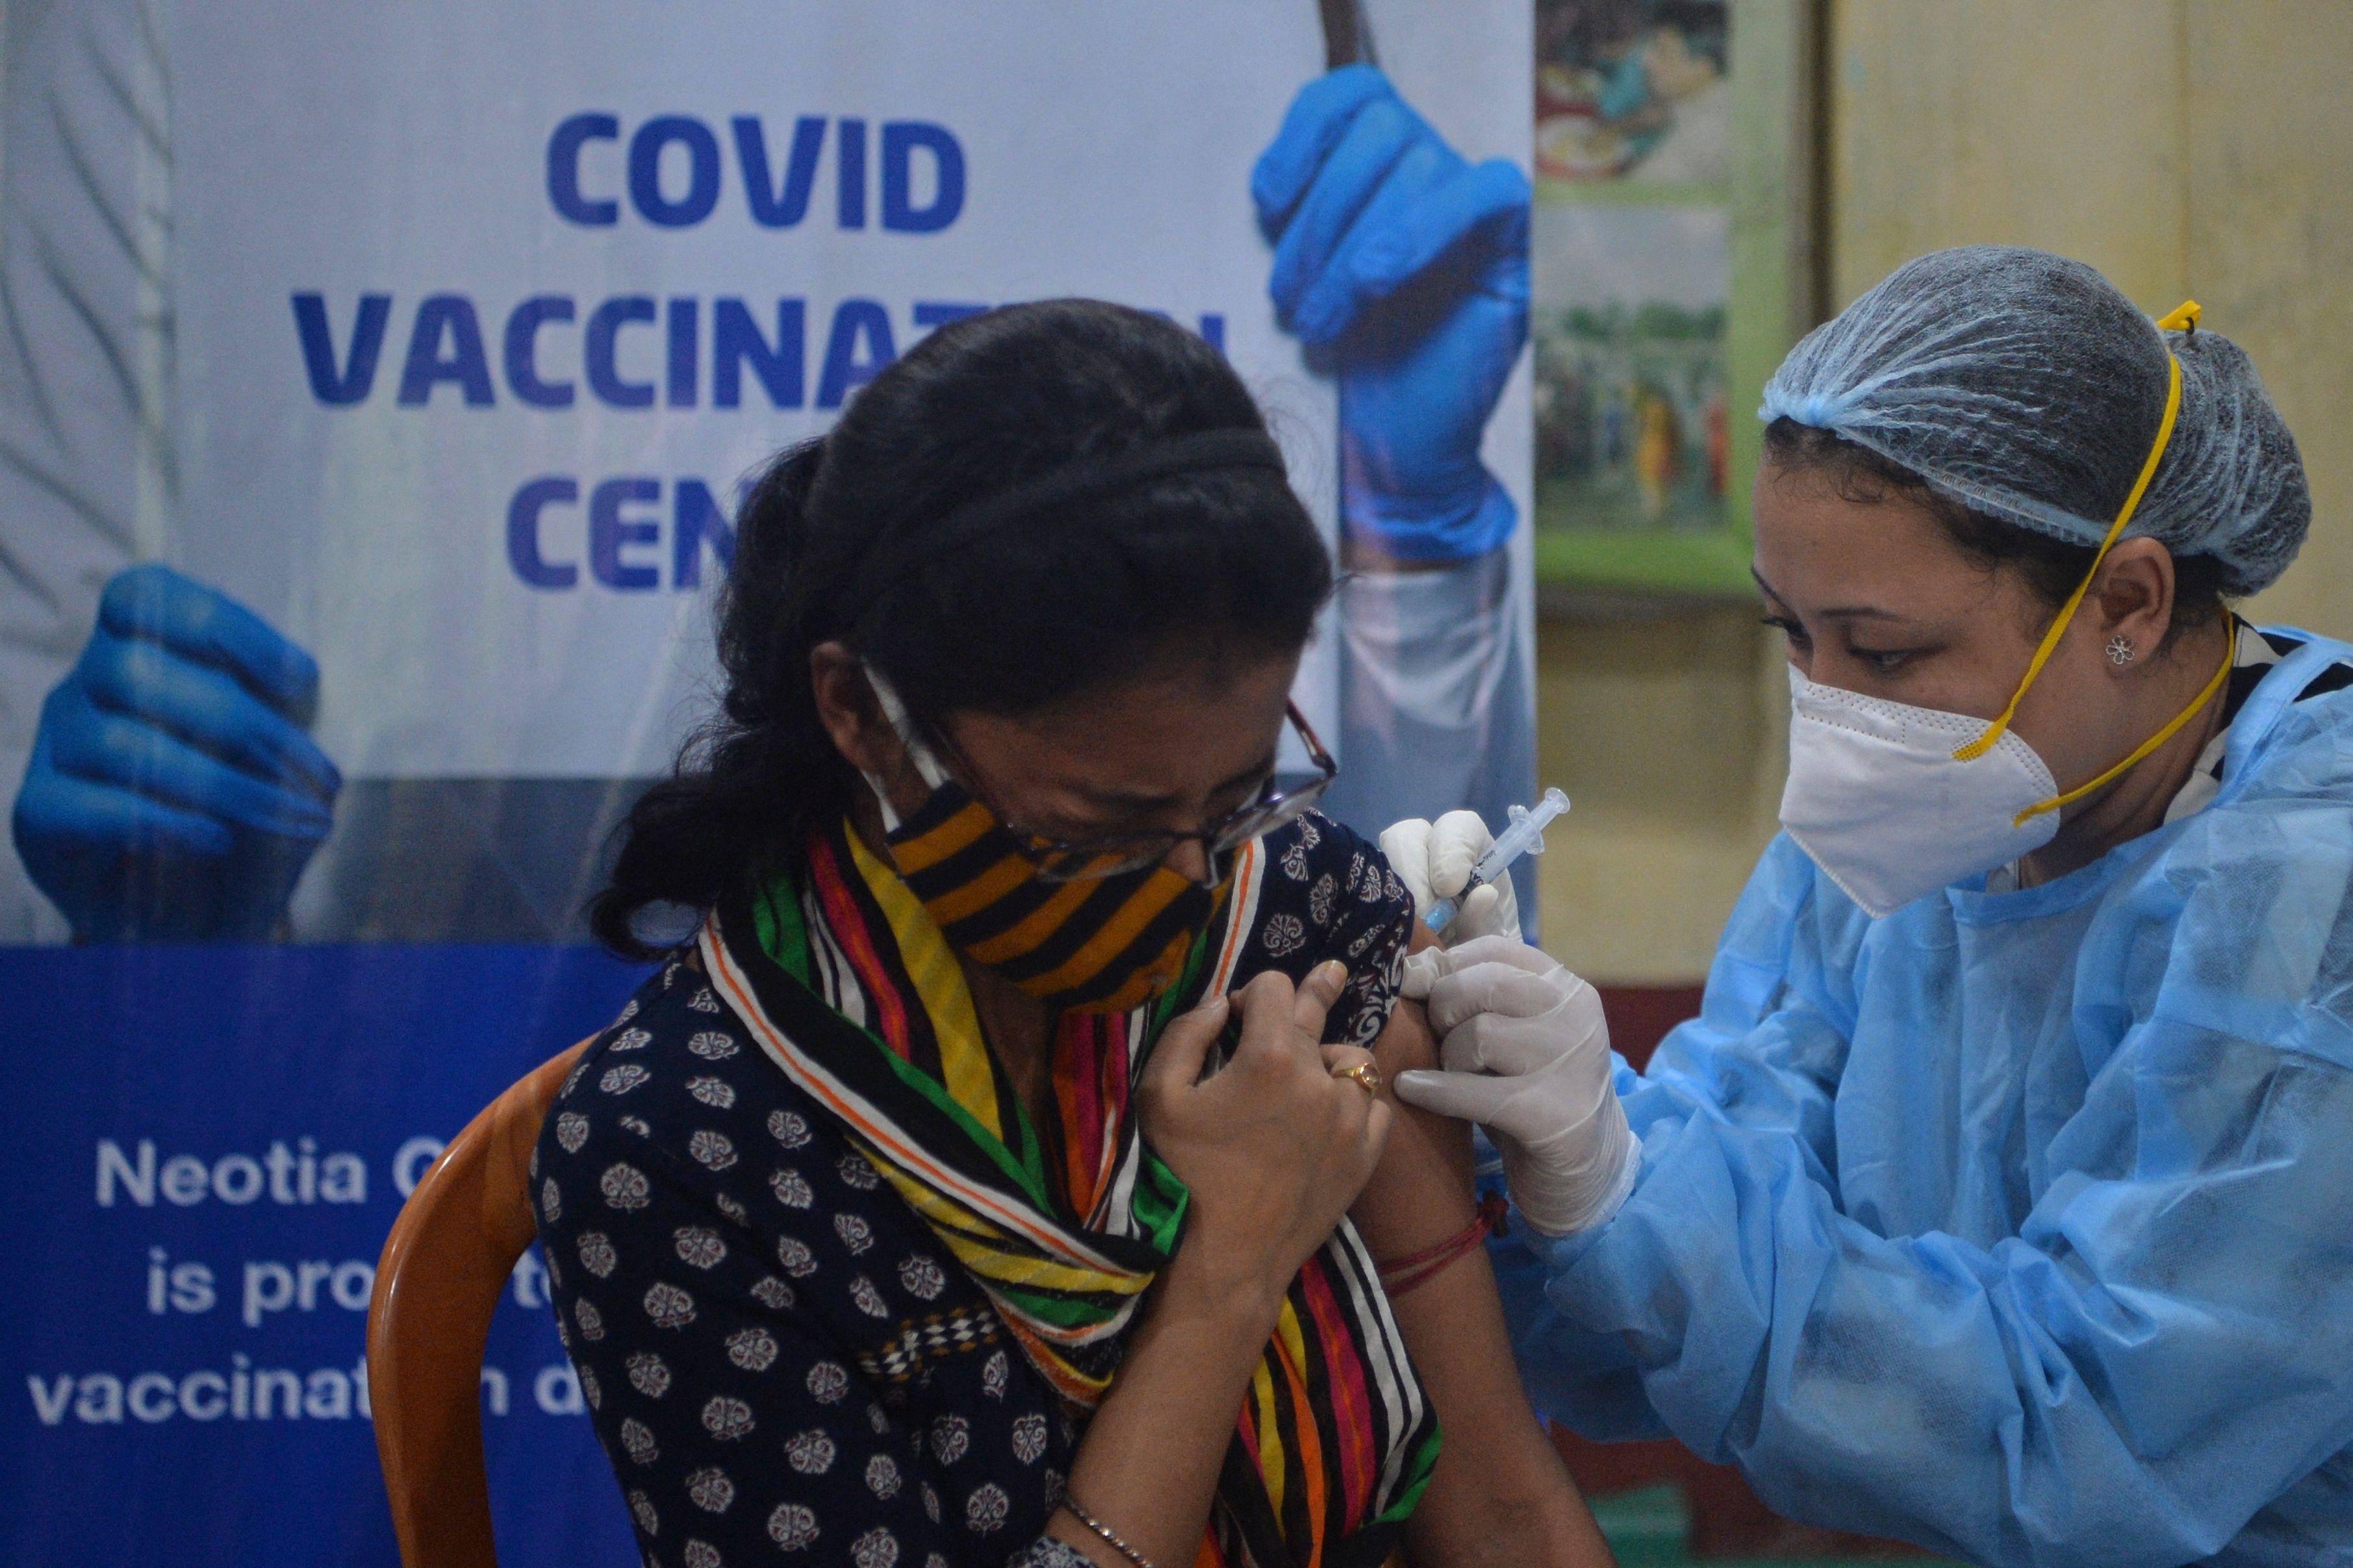 Covid-19: Modi congratulates India for record 8.27 million vaccinations on Monday